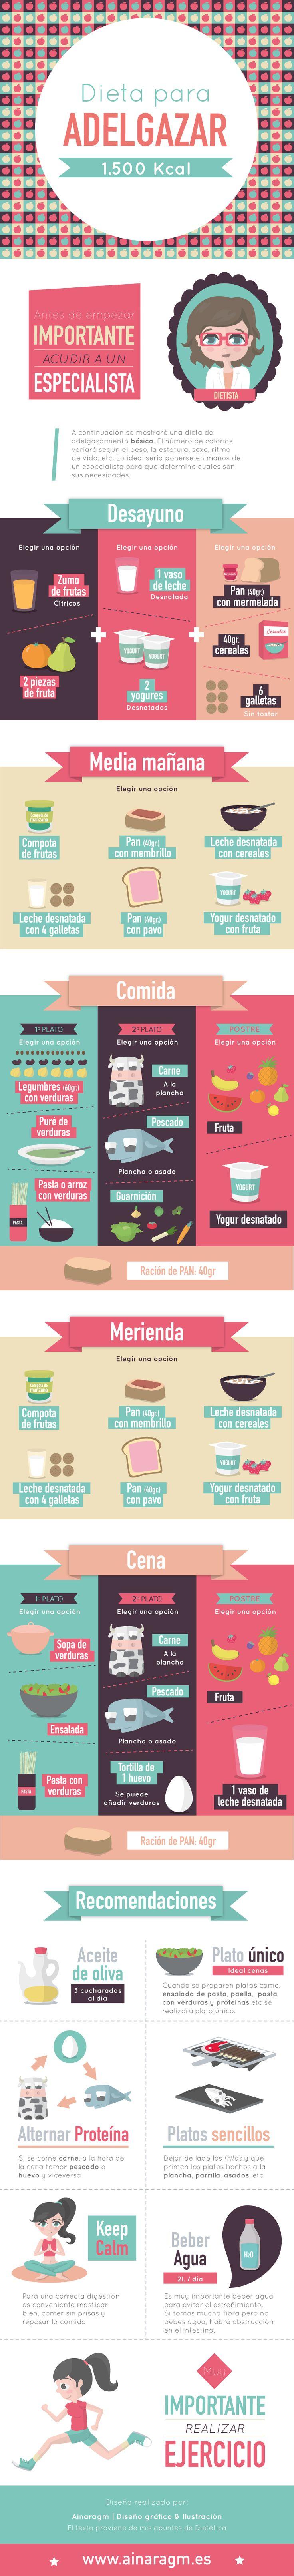 Infografía sobre una dieta de adelgazamiento